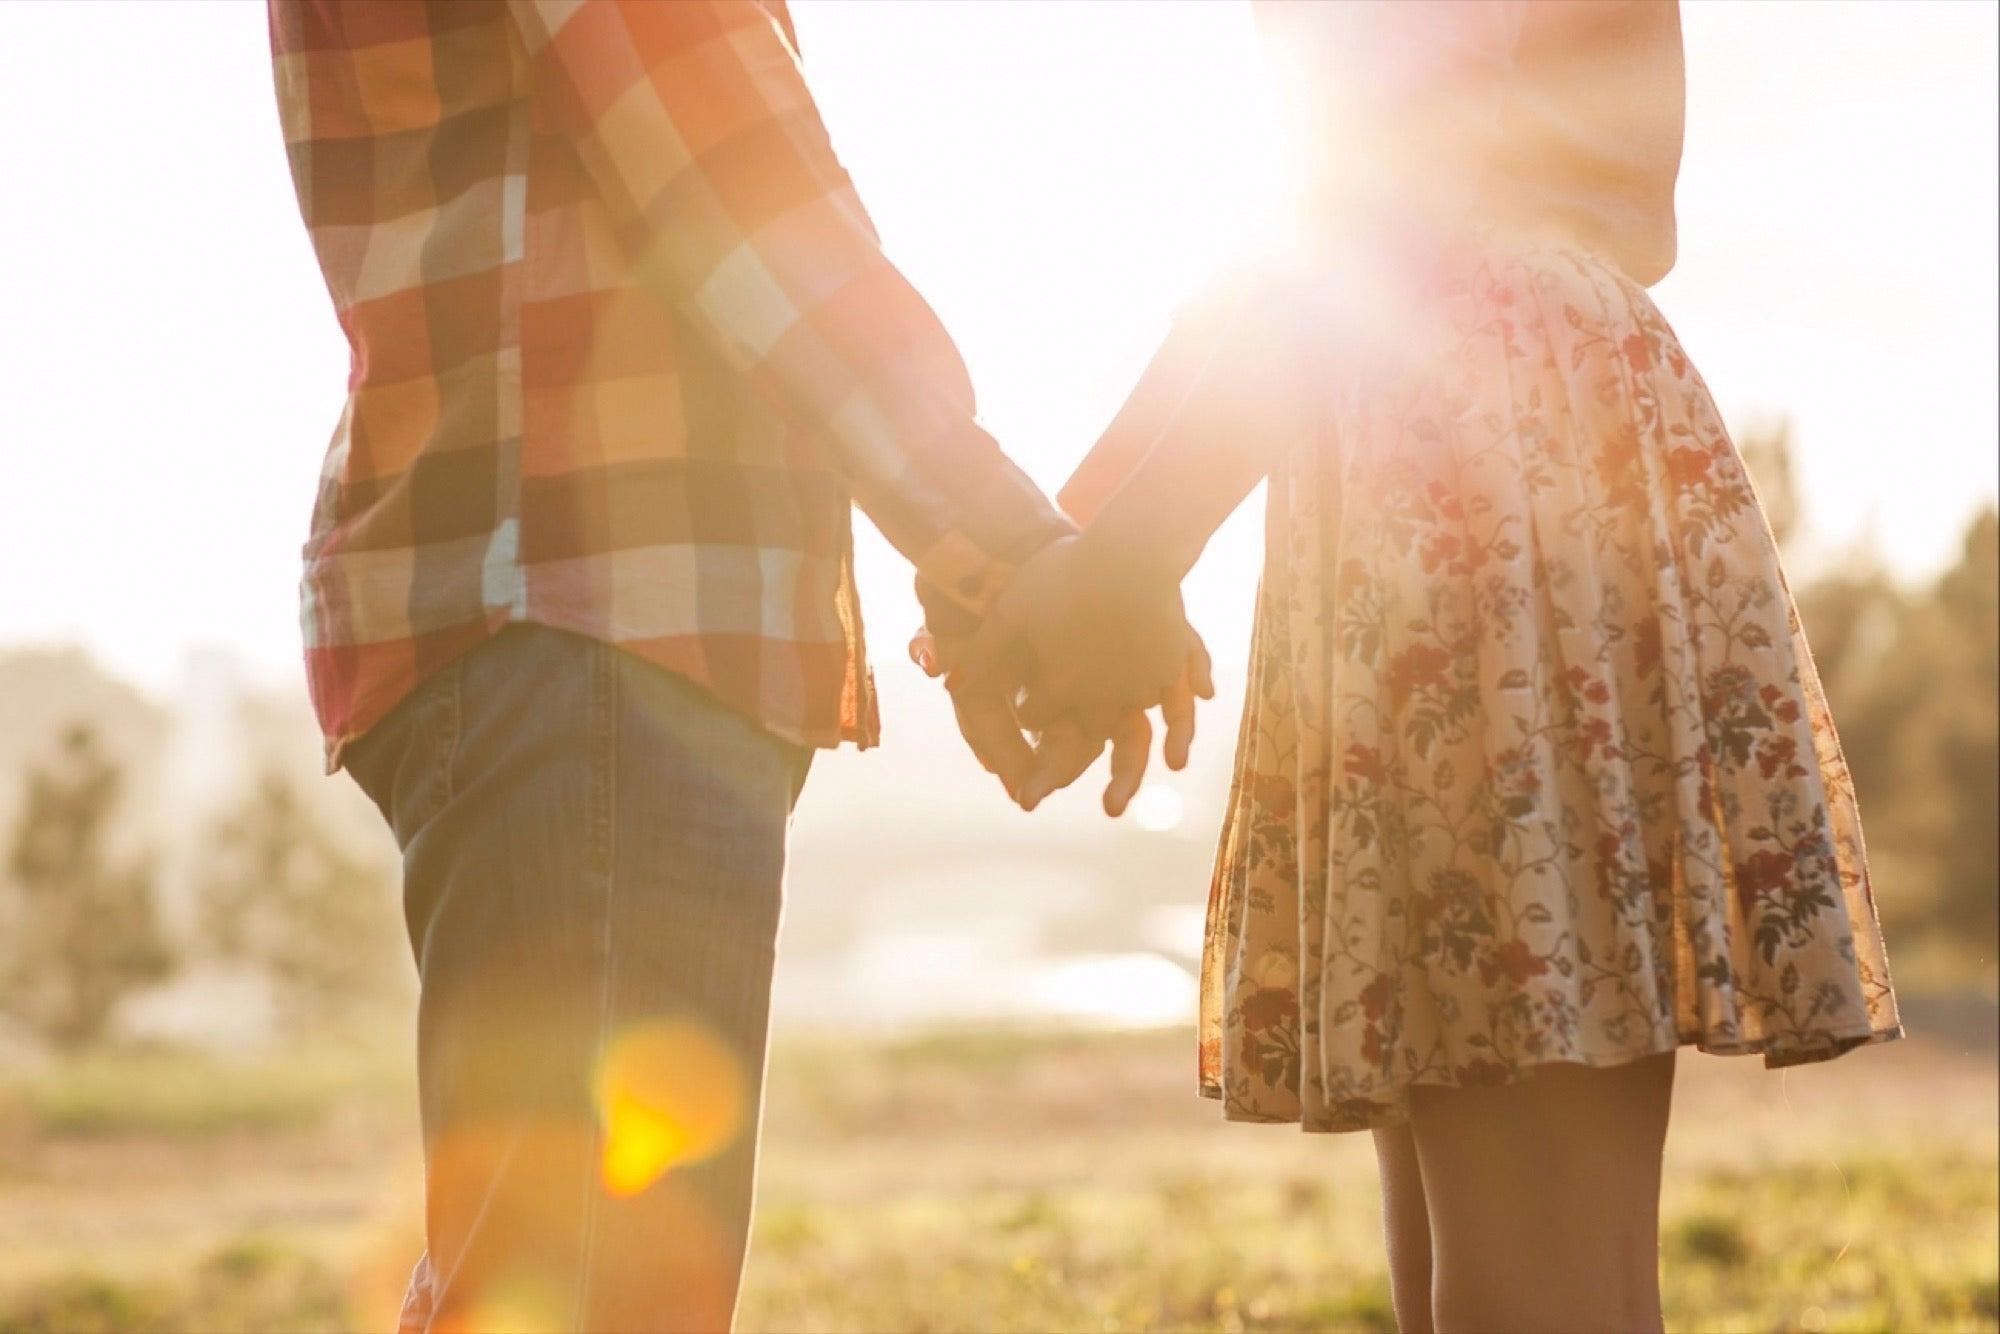 शादी होने वाली या आप शादी शुदा है और मरदाना कमजोरी आ चुकी है तो अपनाएं ये आयुर्वेदिक उपचार